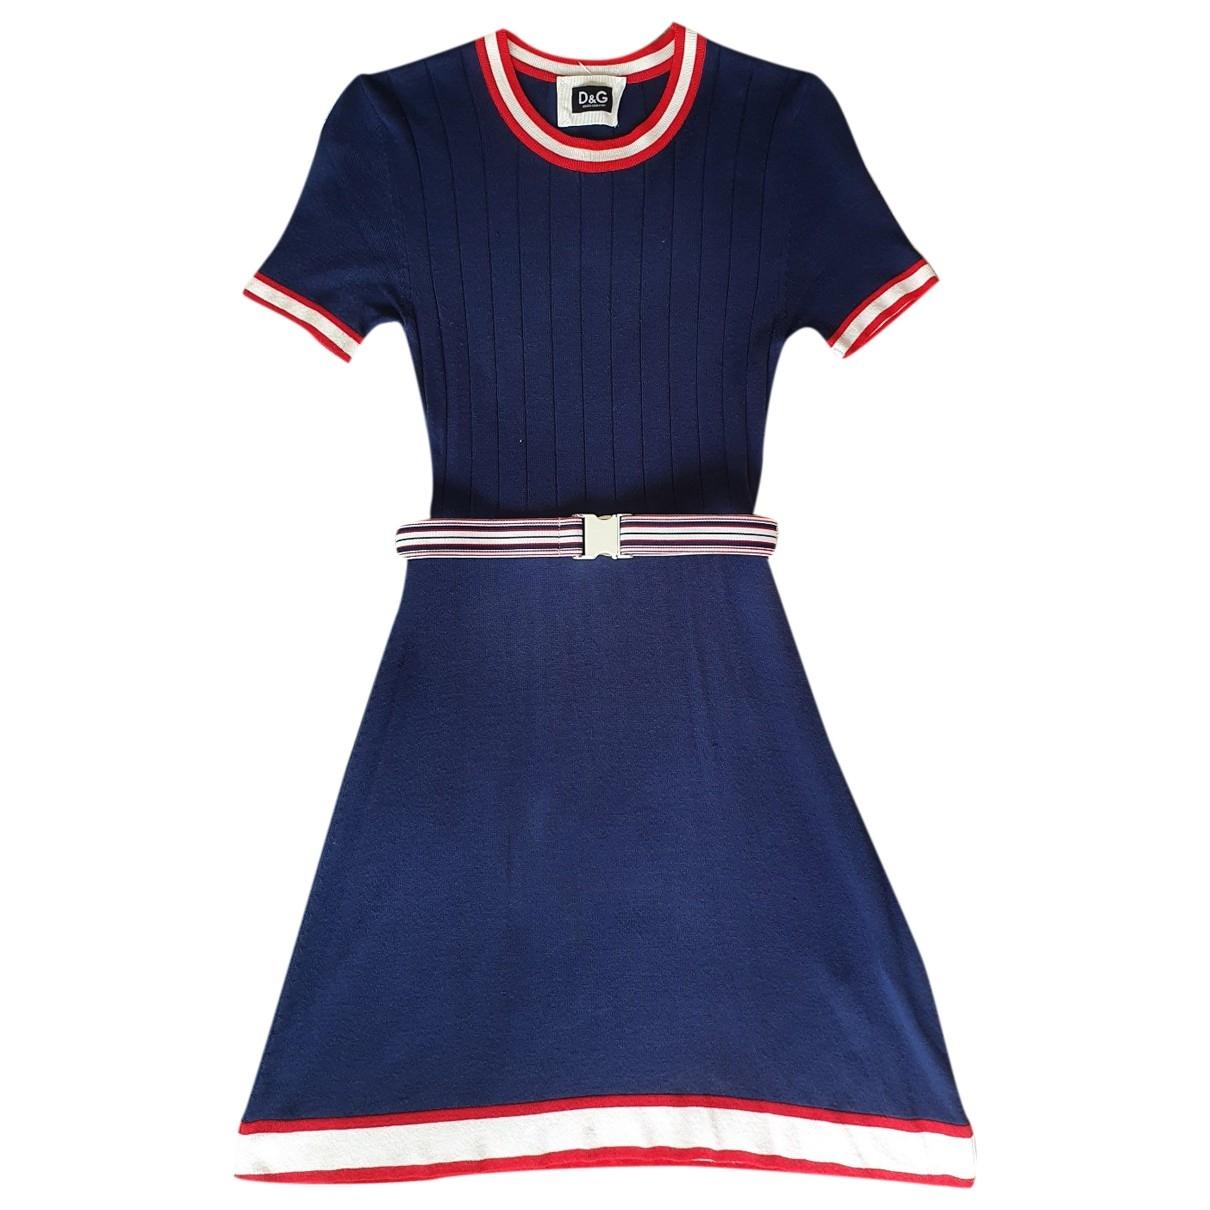 D&g \N Blue dress for Women 38 IT